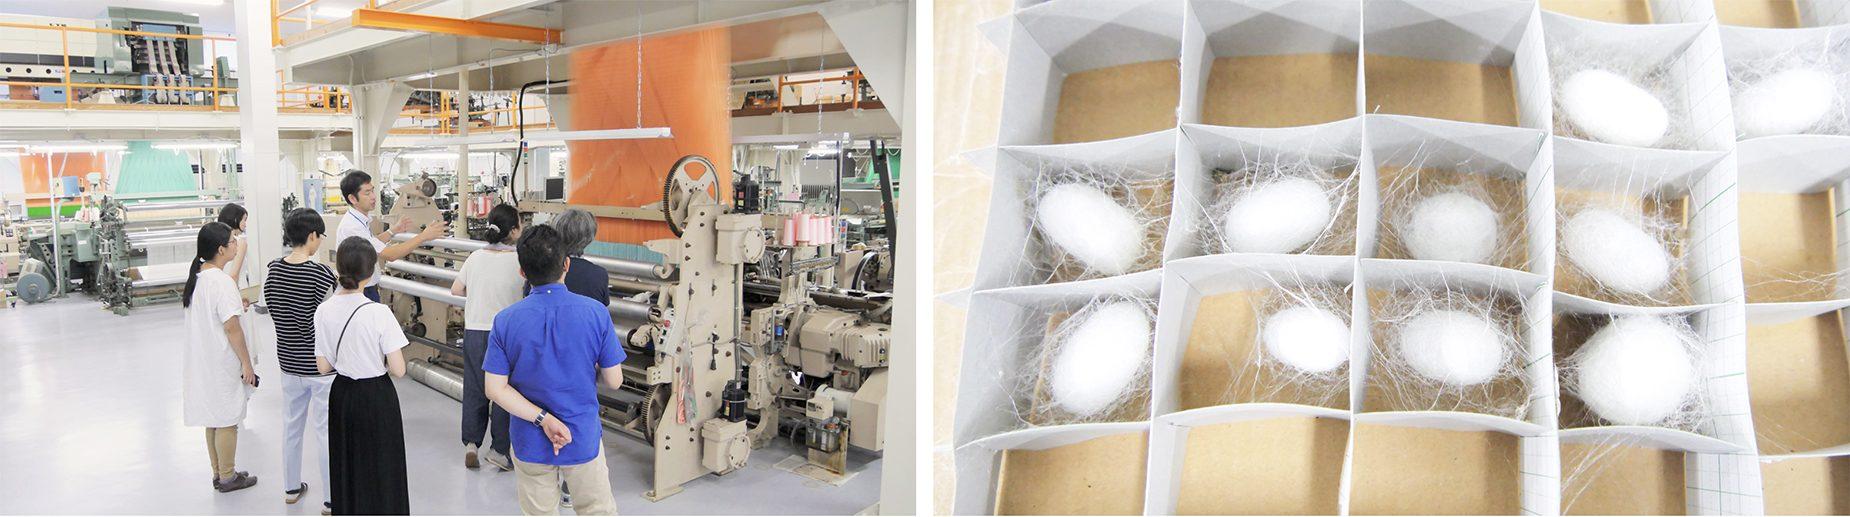 センターの中には様々な機械や設備、生地サンプルが整っていて、新商品開発や人材育成等に利用している。